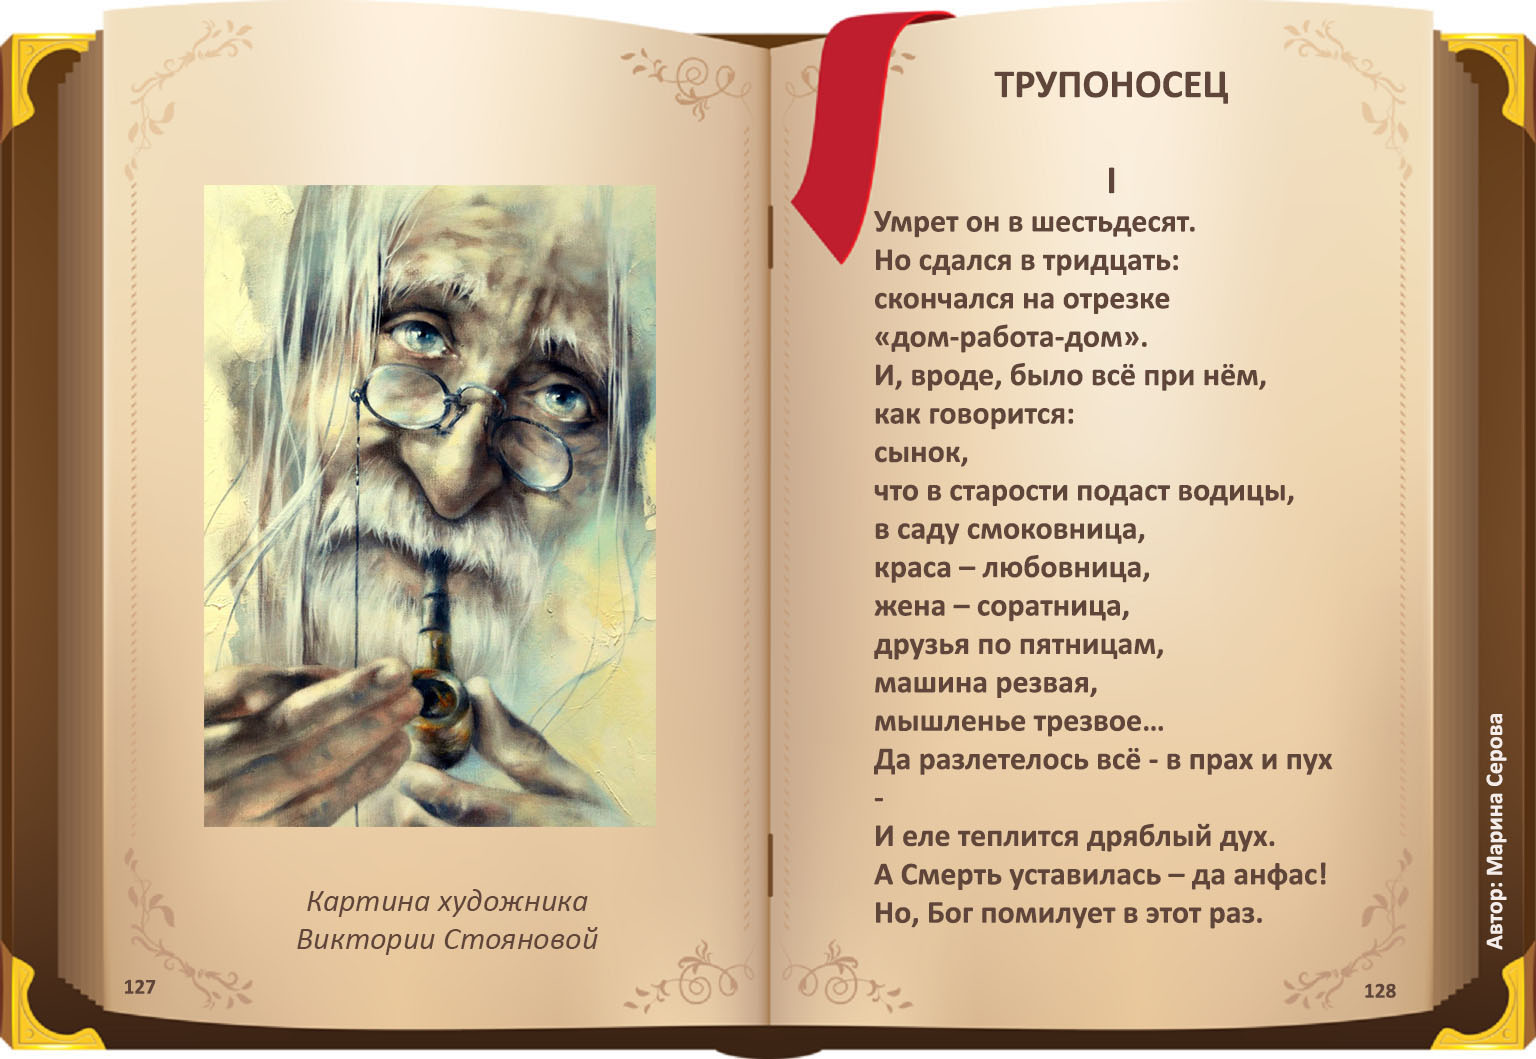 Серова Марина стихи